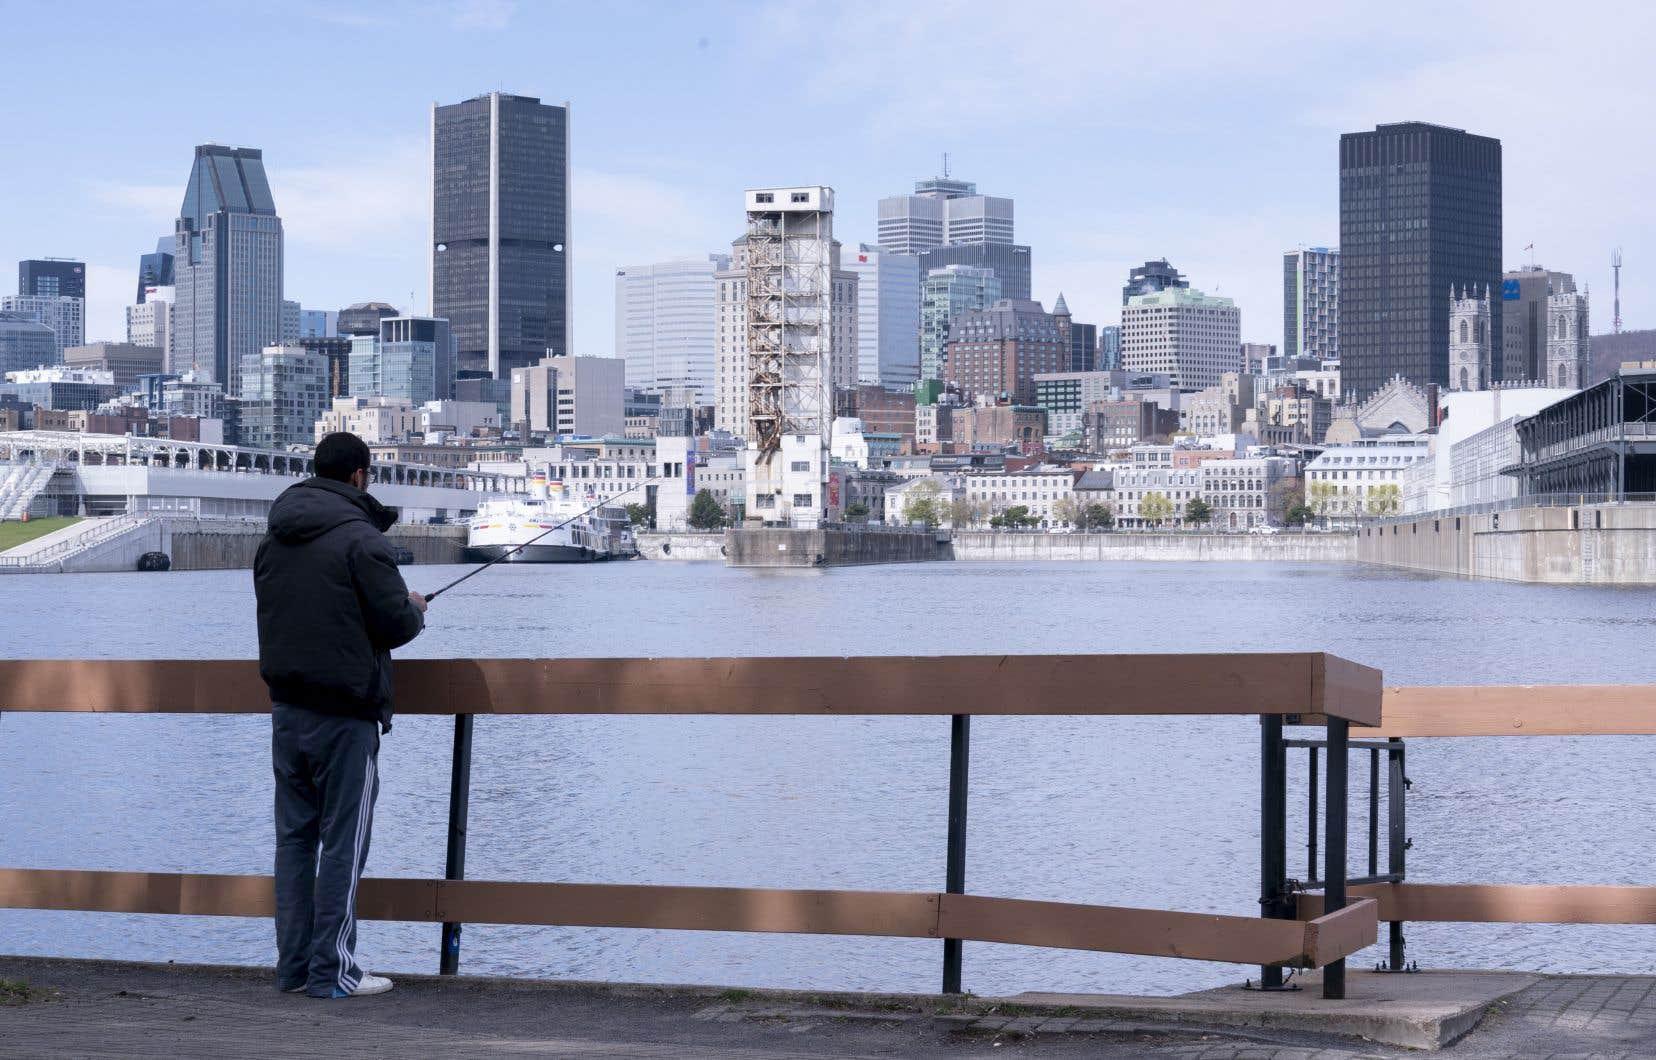 Montréal et Québec verront leur économie se replier cette année pour rebondir sur l'ensemble de 2021, selon le Conference Board.